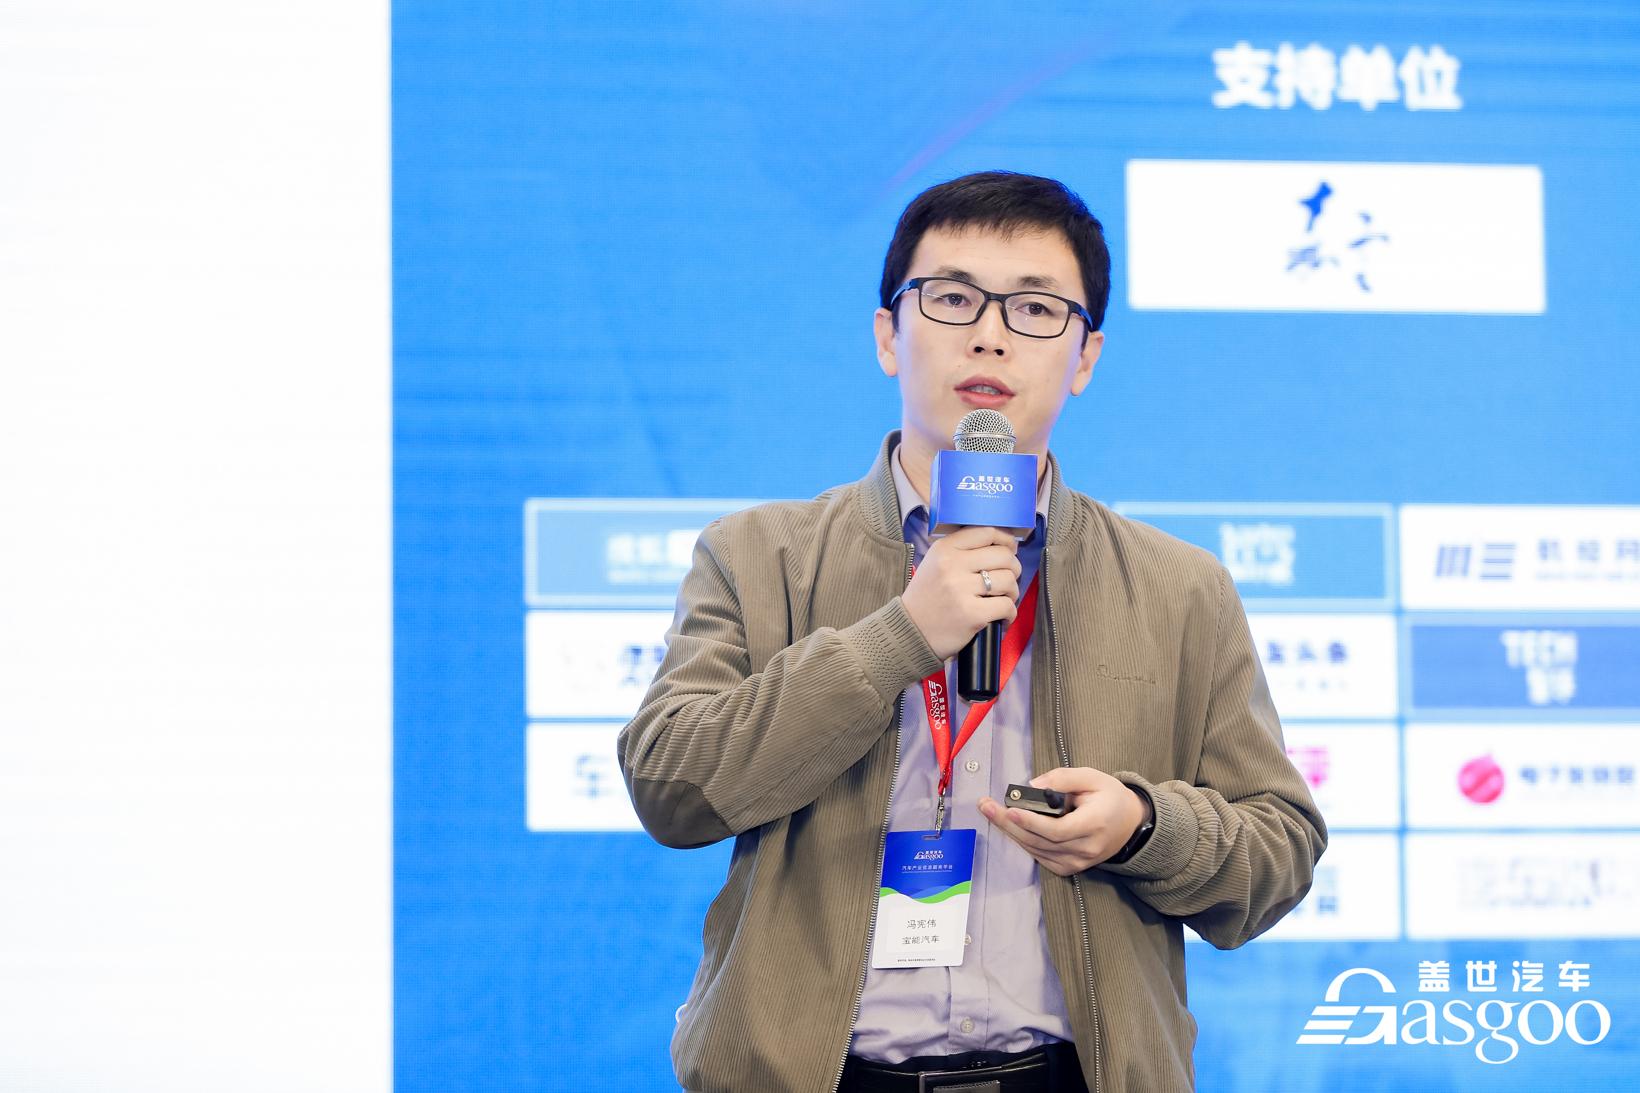 宝能汽车冯宪伟:打造有辨识度的AI人工智能交互系统